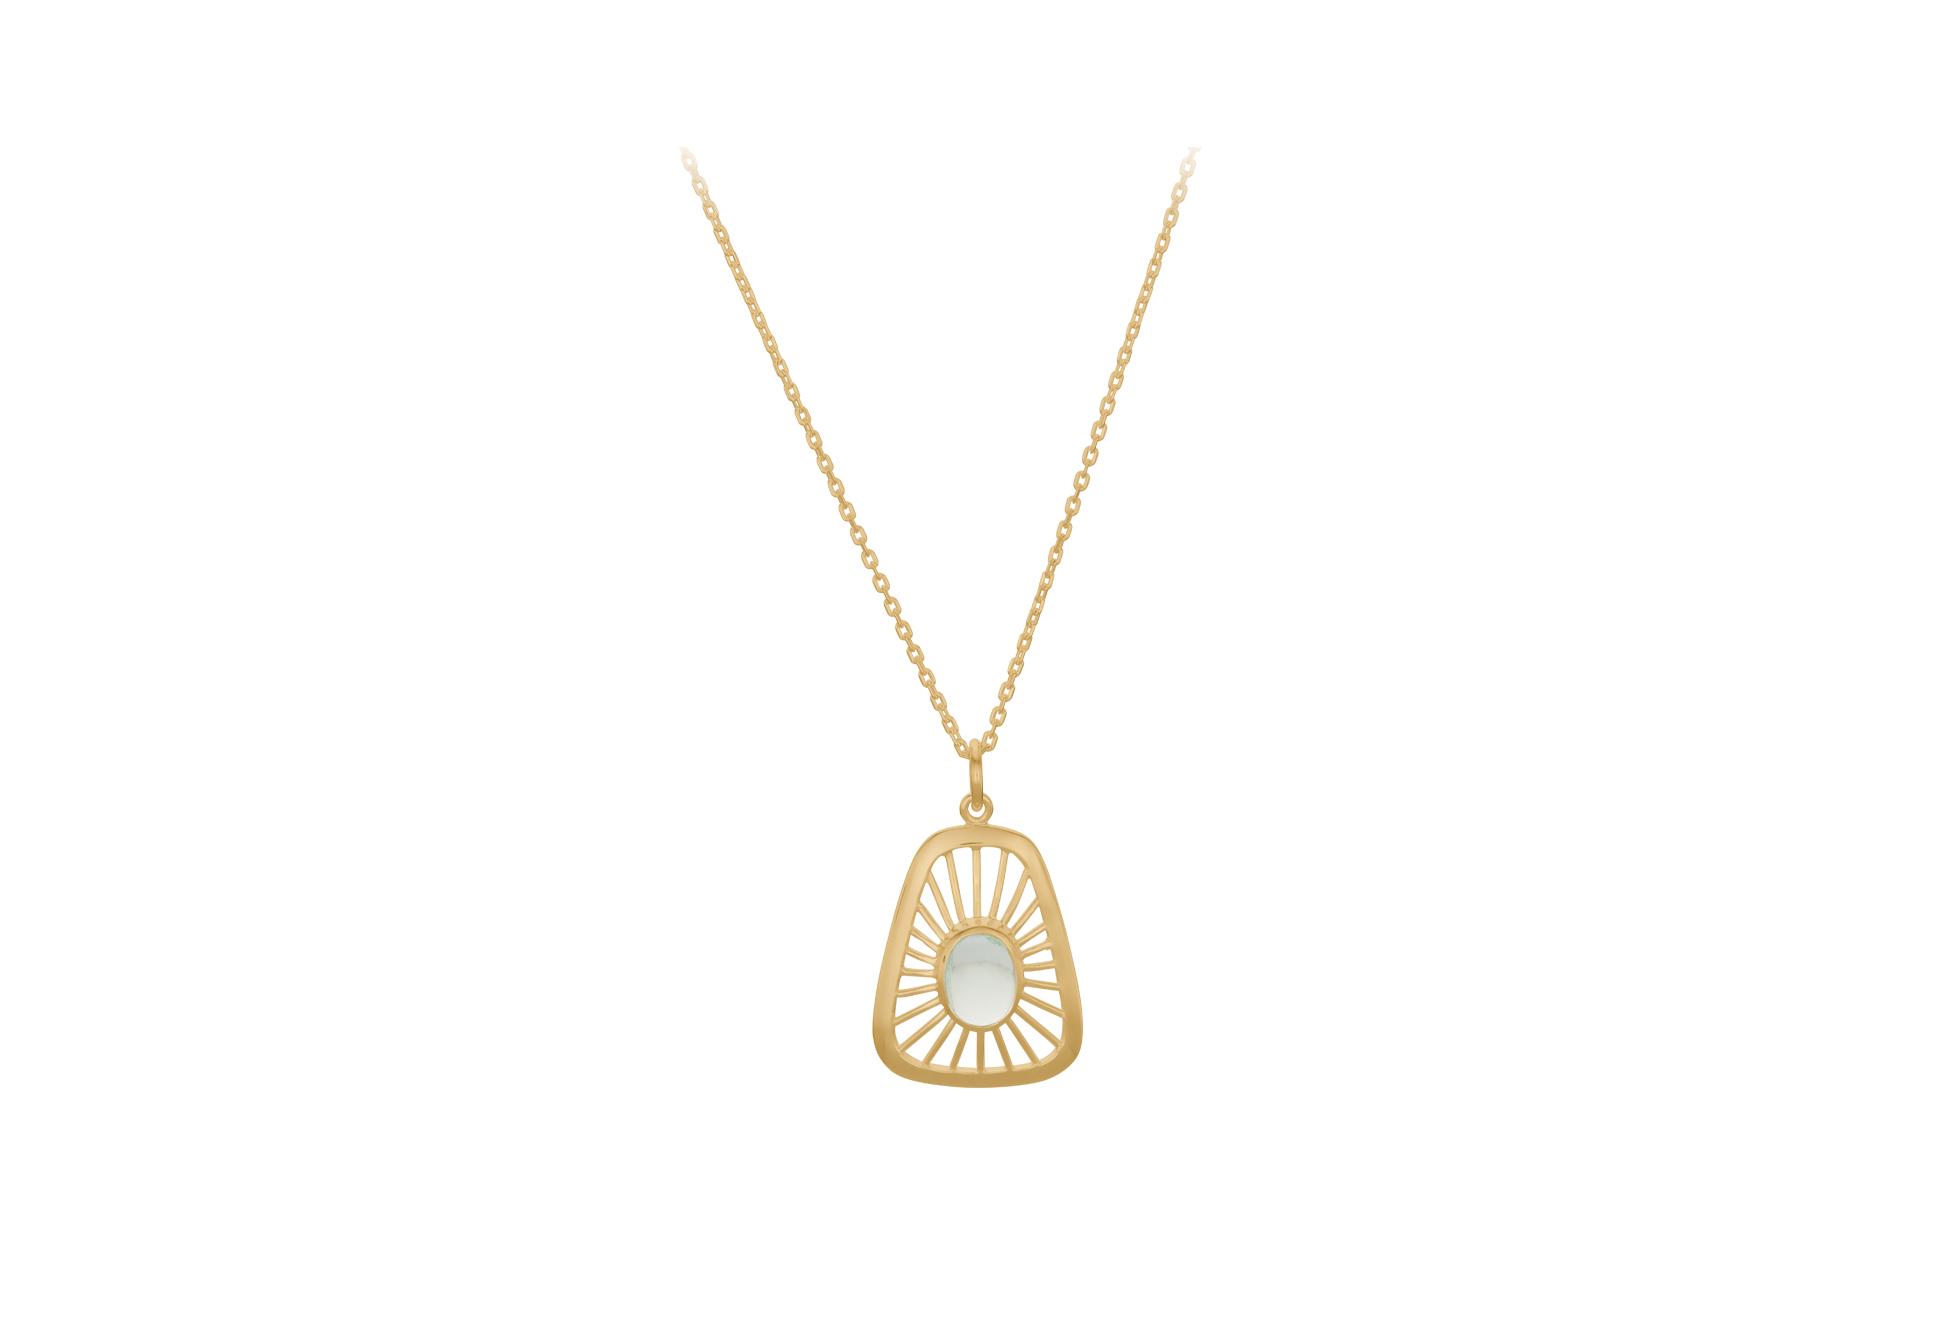 Pernille Corydon Thilde necklace ditlink.dk